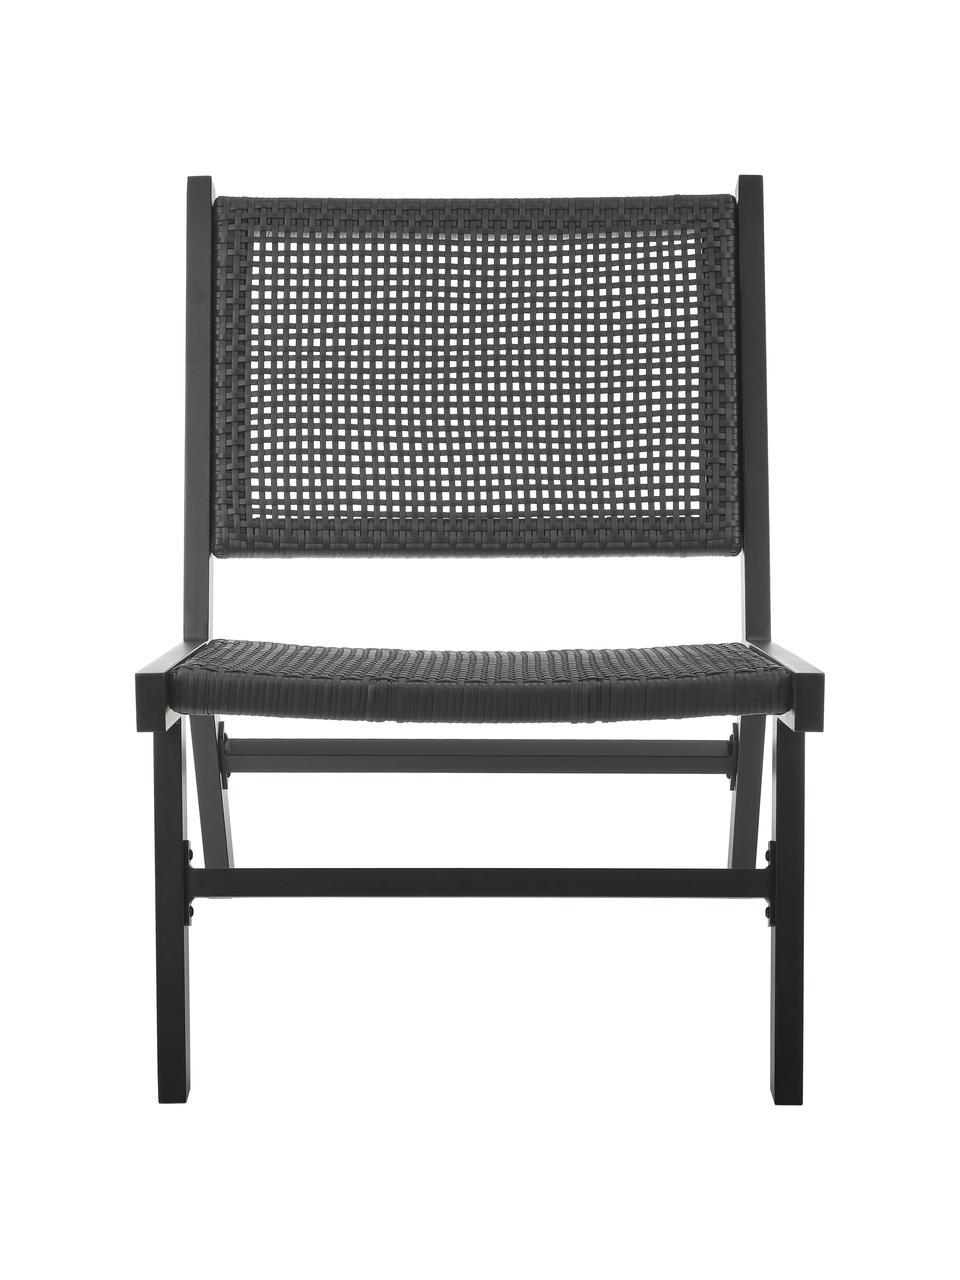 Tuin loungefauteuil Palina met kunststoffen vlechtwerk in zwart, Frame: gepoedercoat metaal, Zitvlak: kunststoffen vlechtwerk, Zwart, 57 x 78 cm